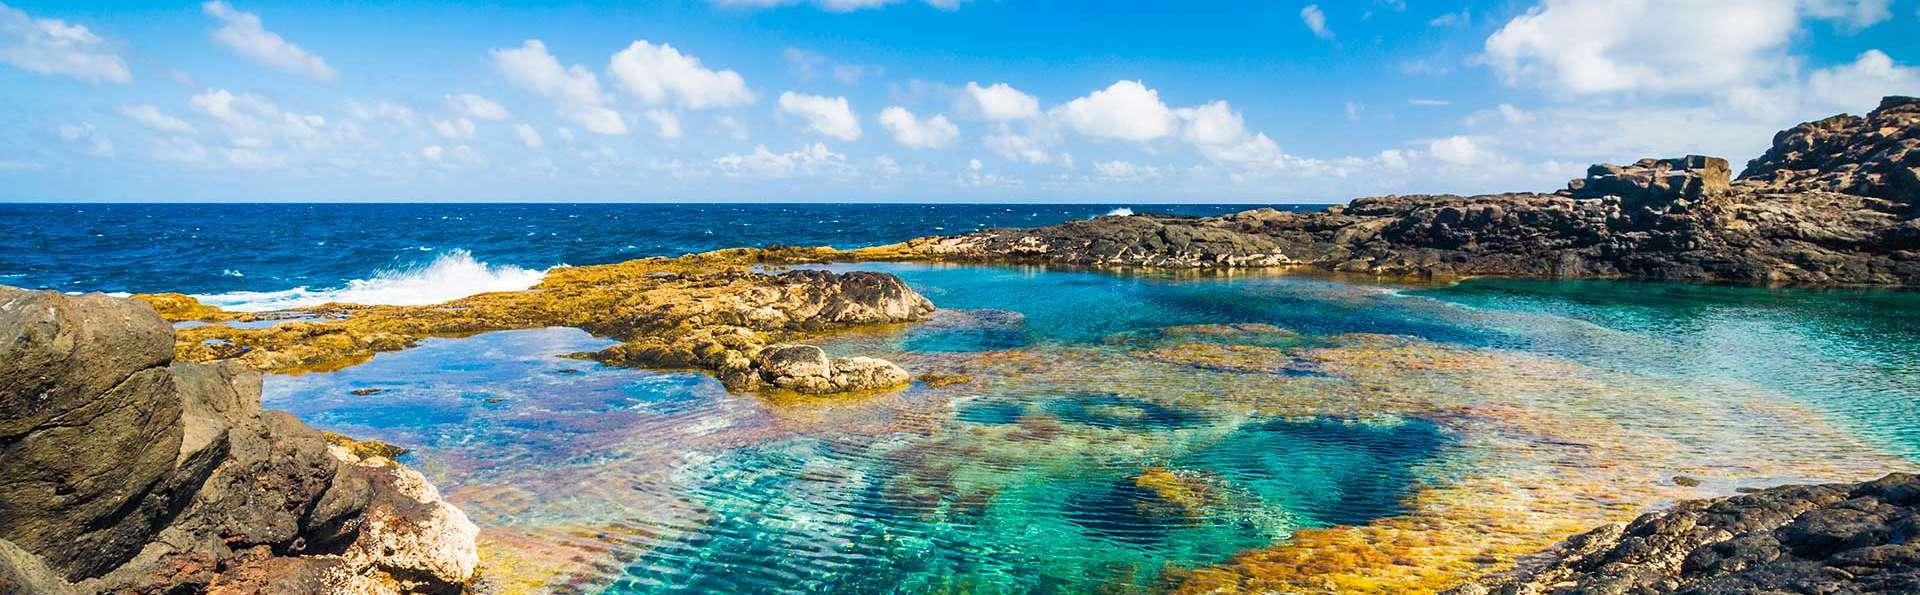 Paraíso natural en el Puerto del Carmen